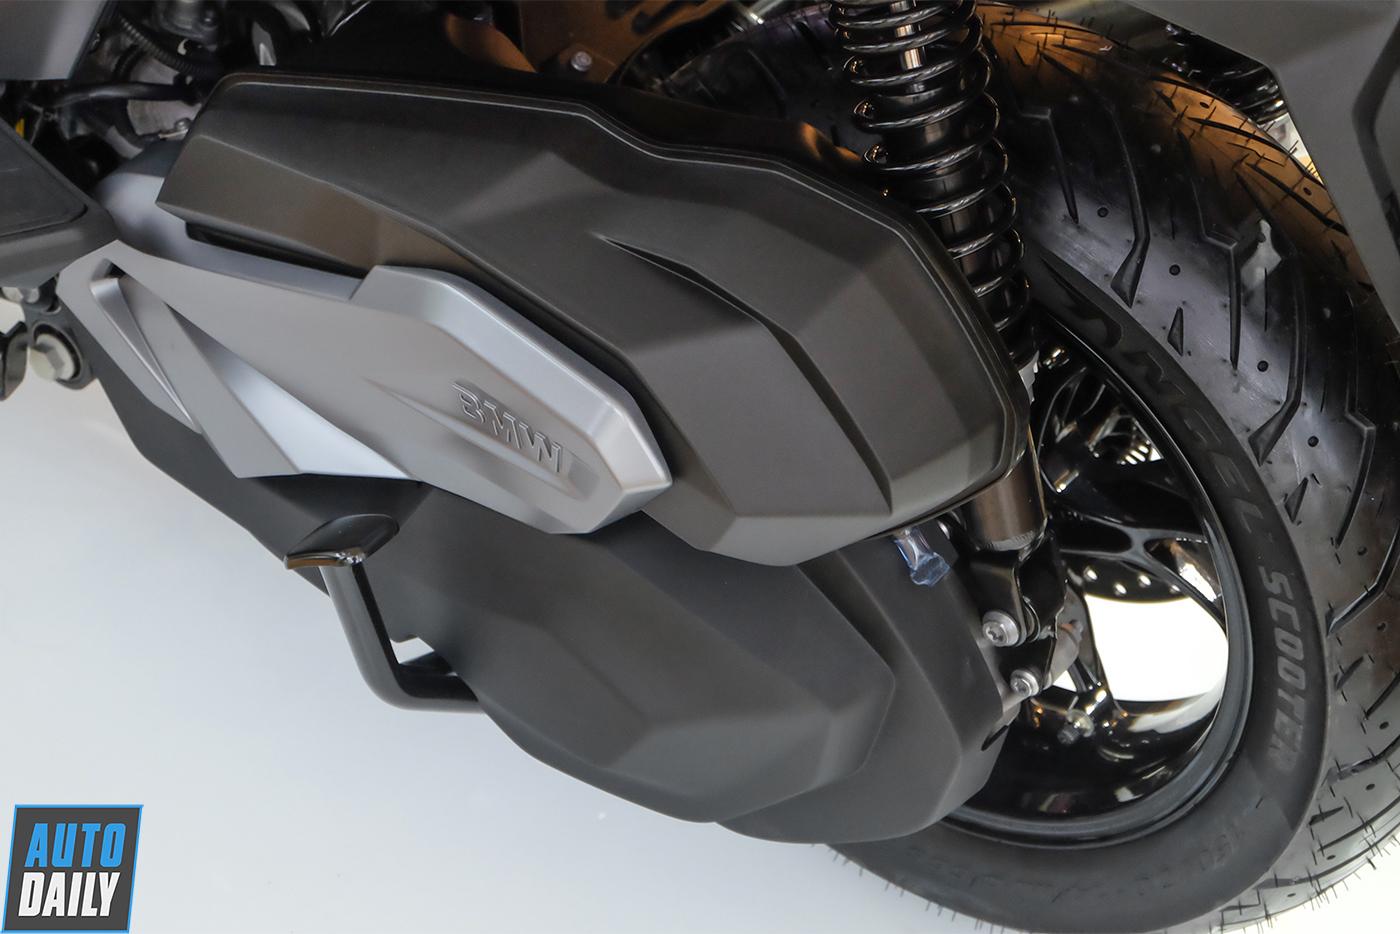 bmw-motorrad-c400gt-15.jpg